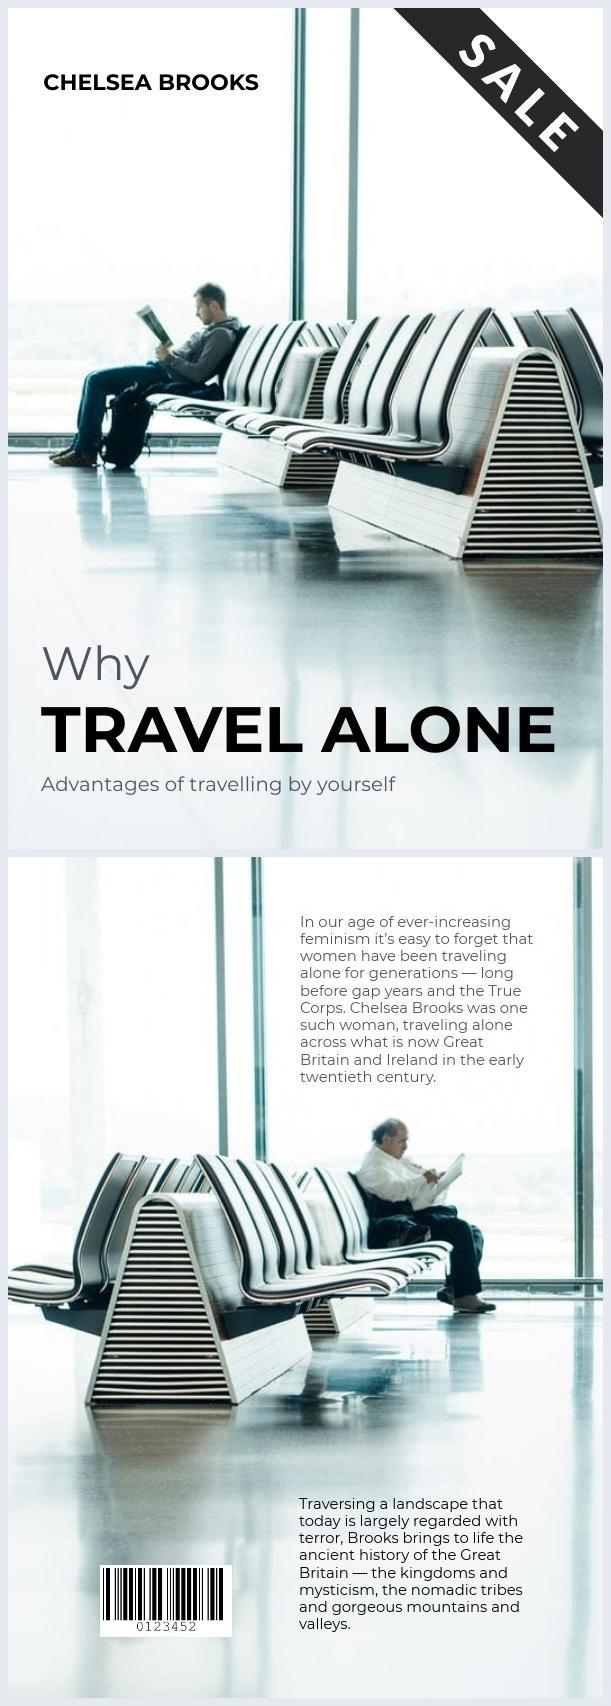 Copertina di libro per viaggiatori solitari